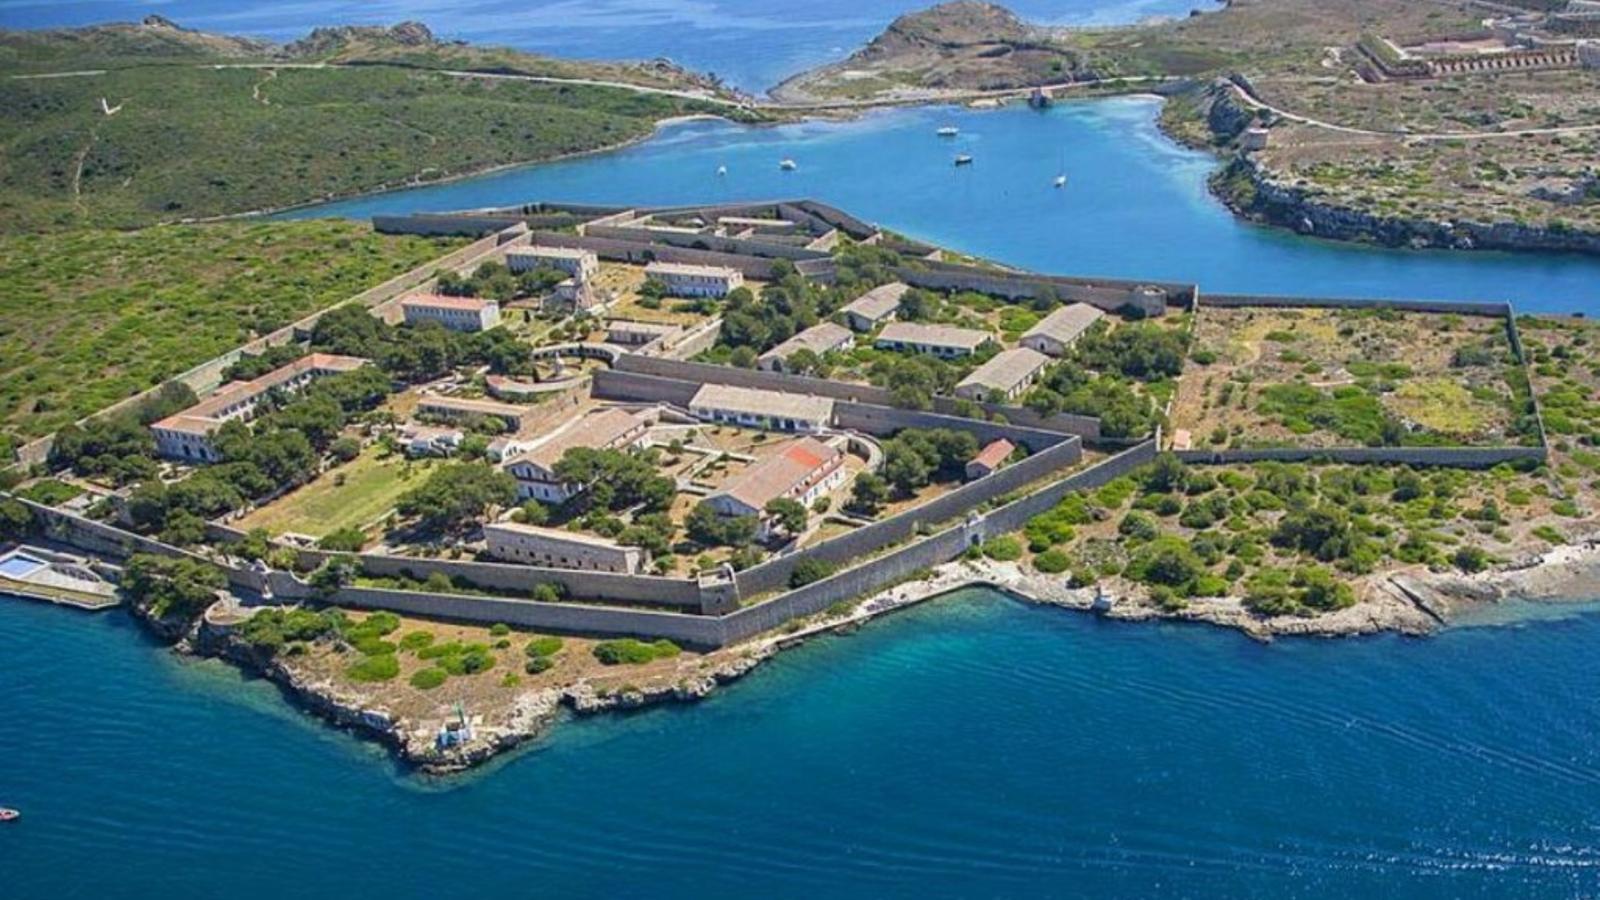 L'Illa del Llatzeret esdevindrà en una ubicació estratègica per a la celebració d'esdeveniments de tota mena.